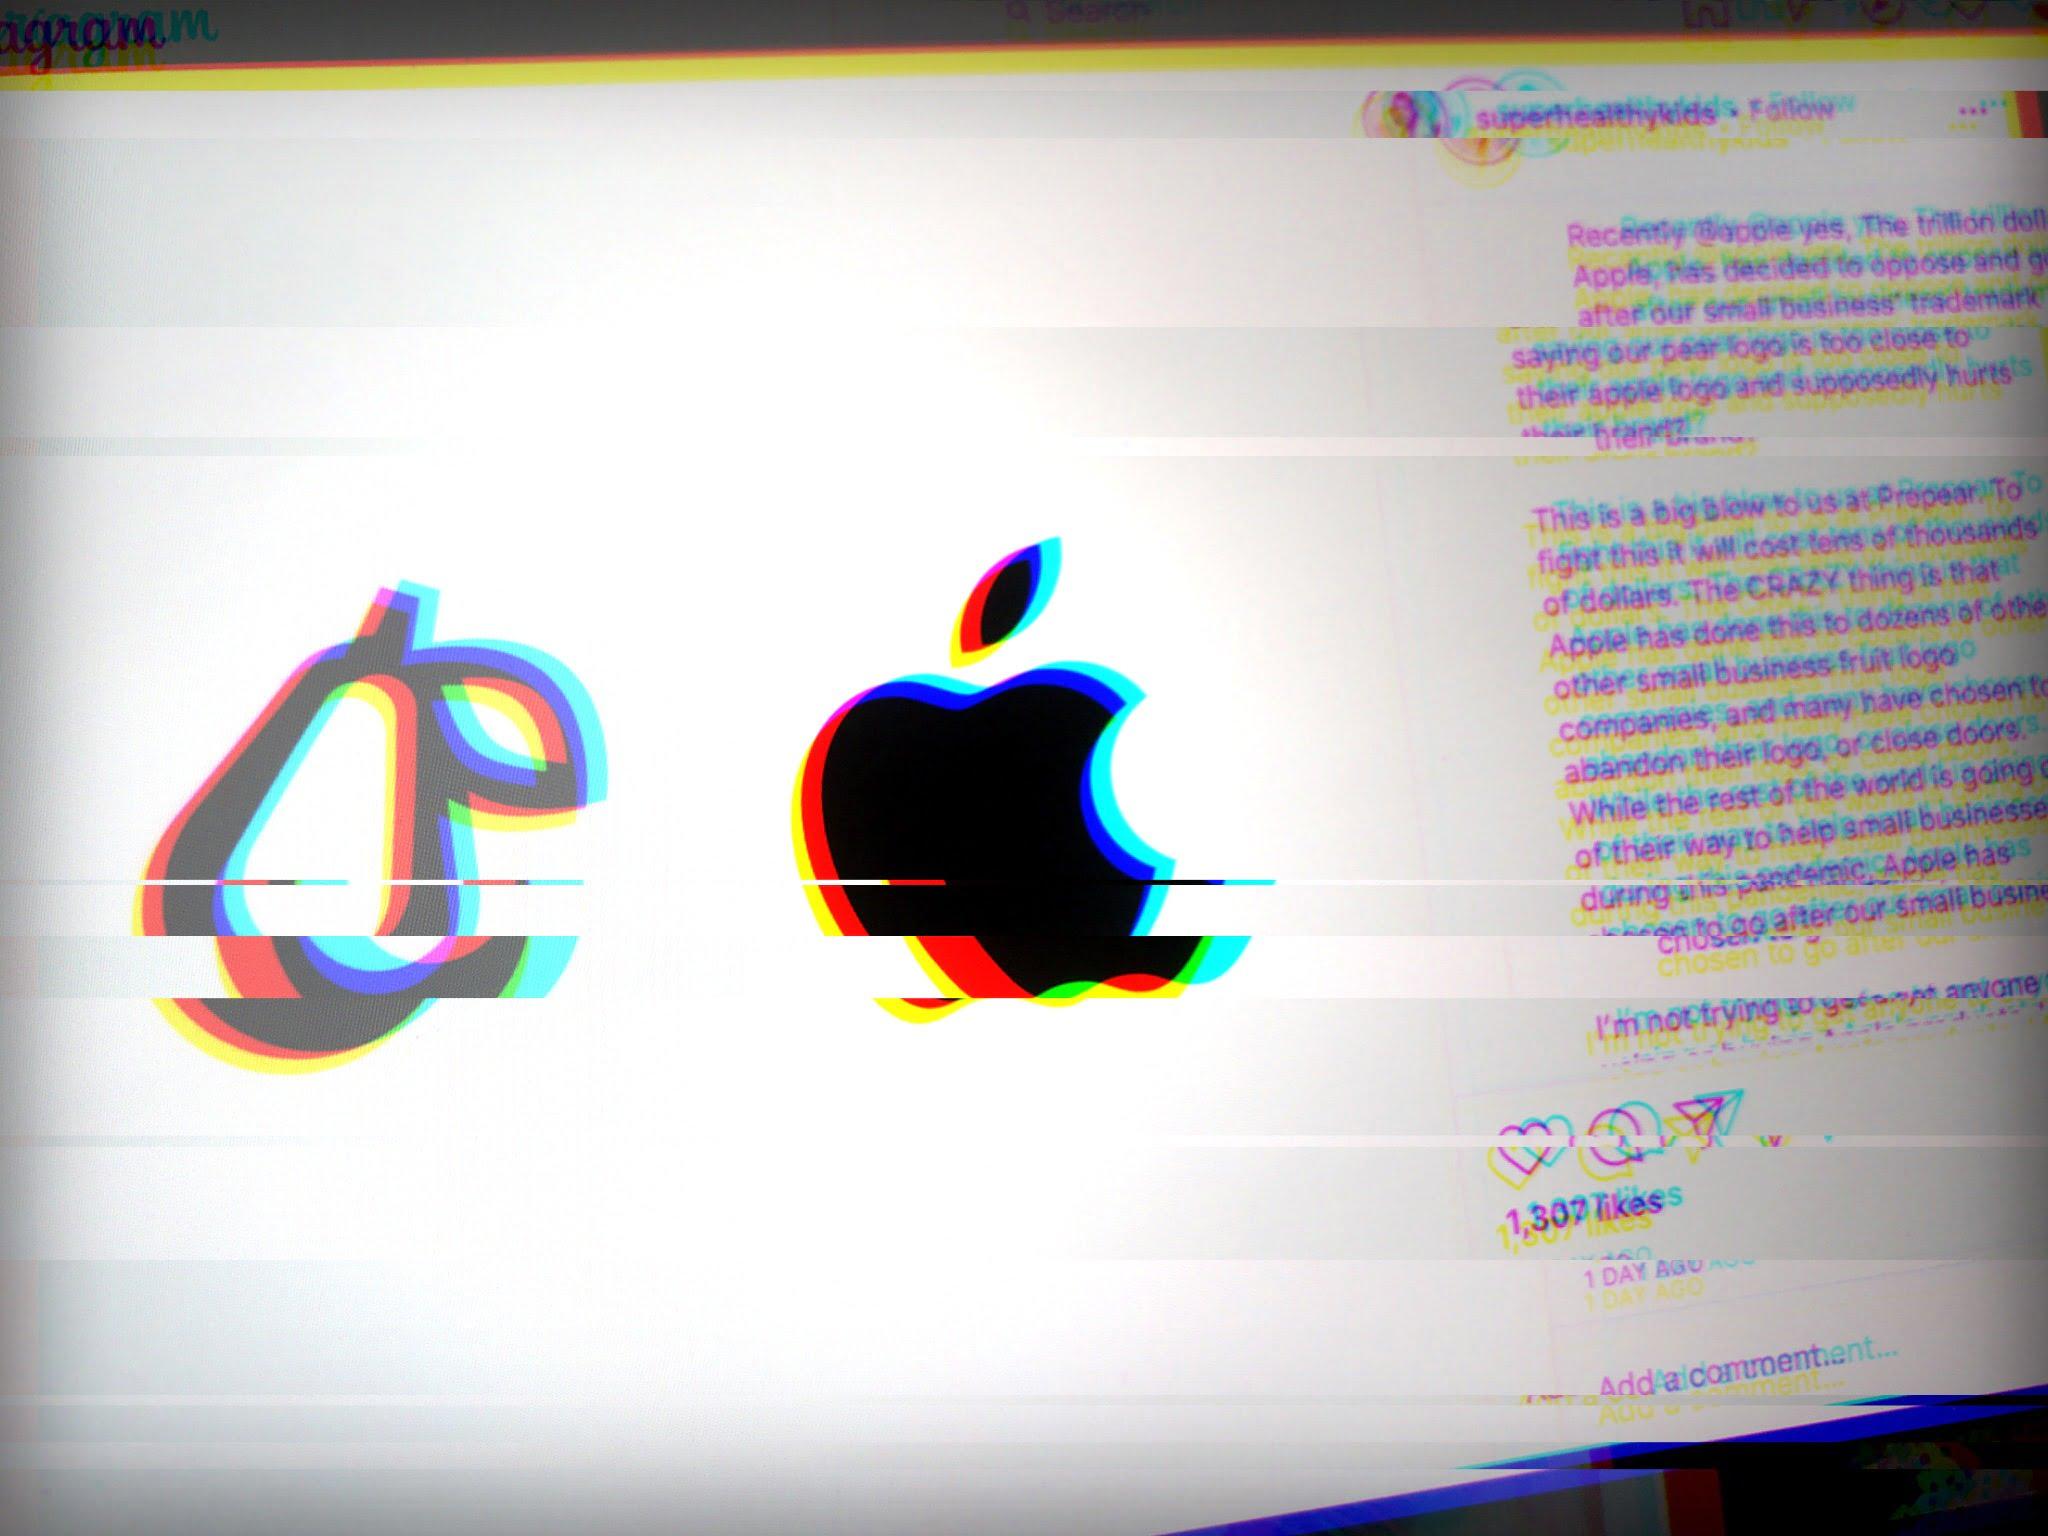 Birne vs Apple